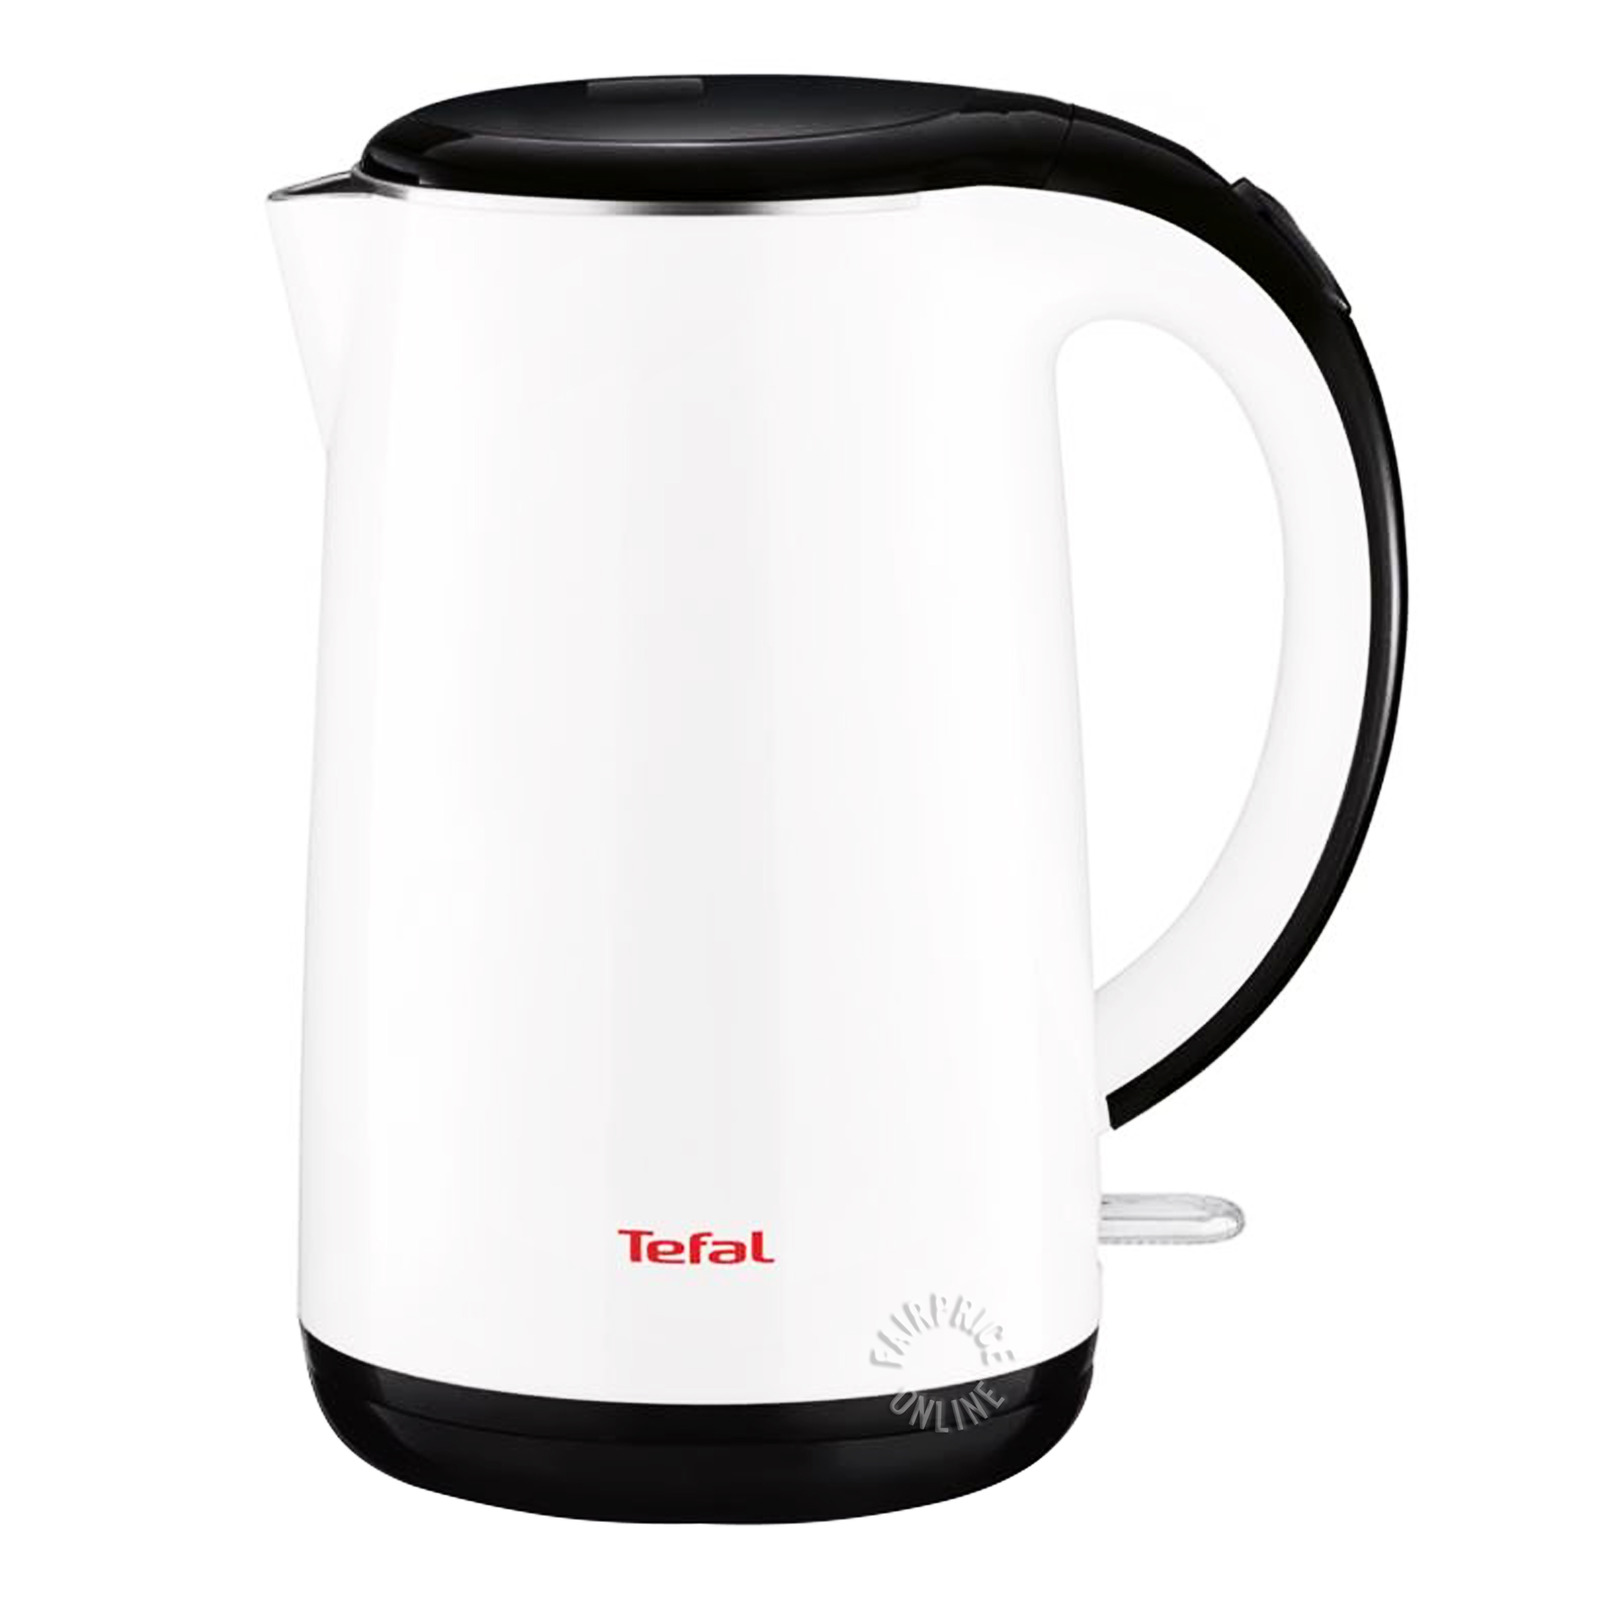 Tefal Safe Tea Kettle (KO2601)